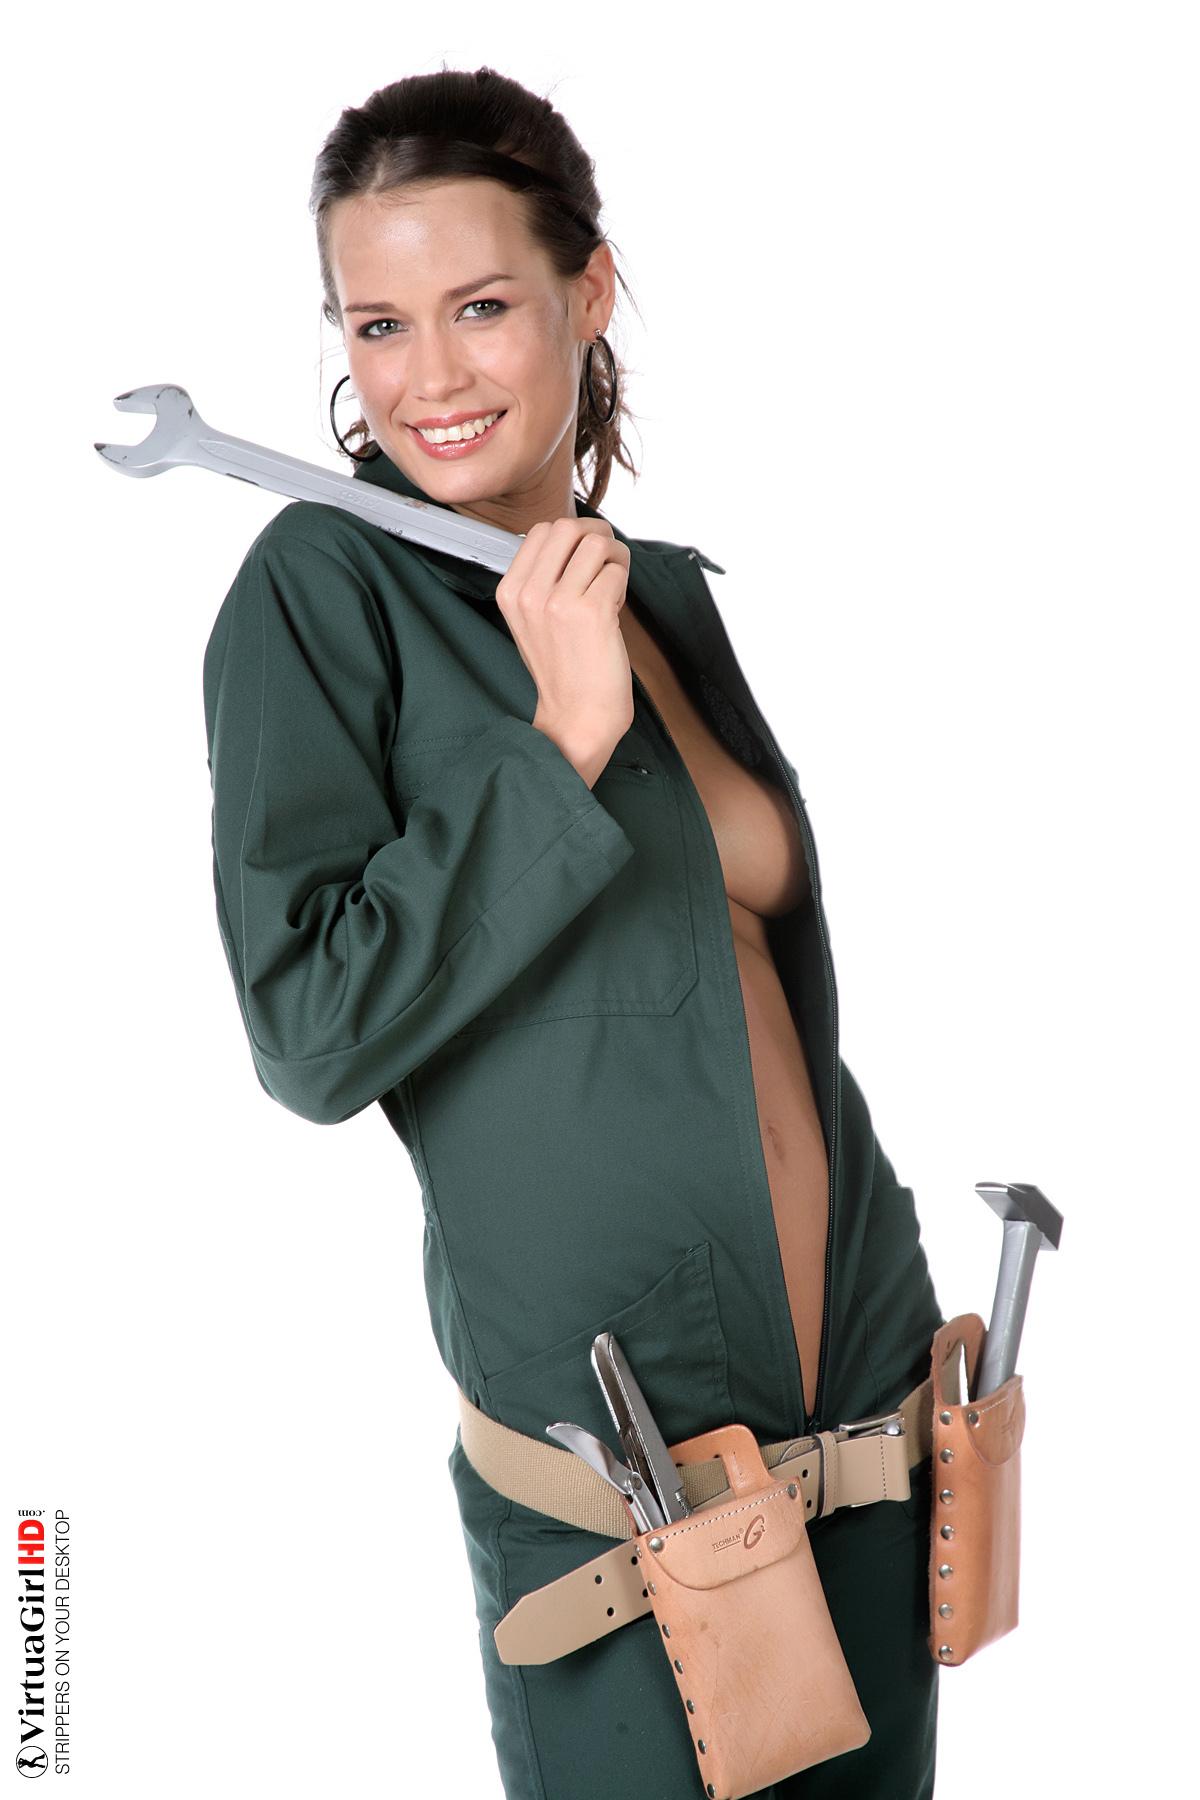 Сексуальный сантехник фото 8 фотография